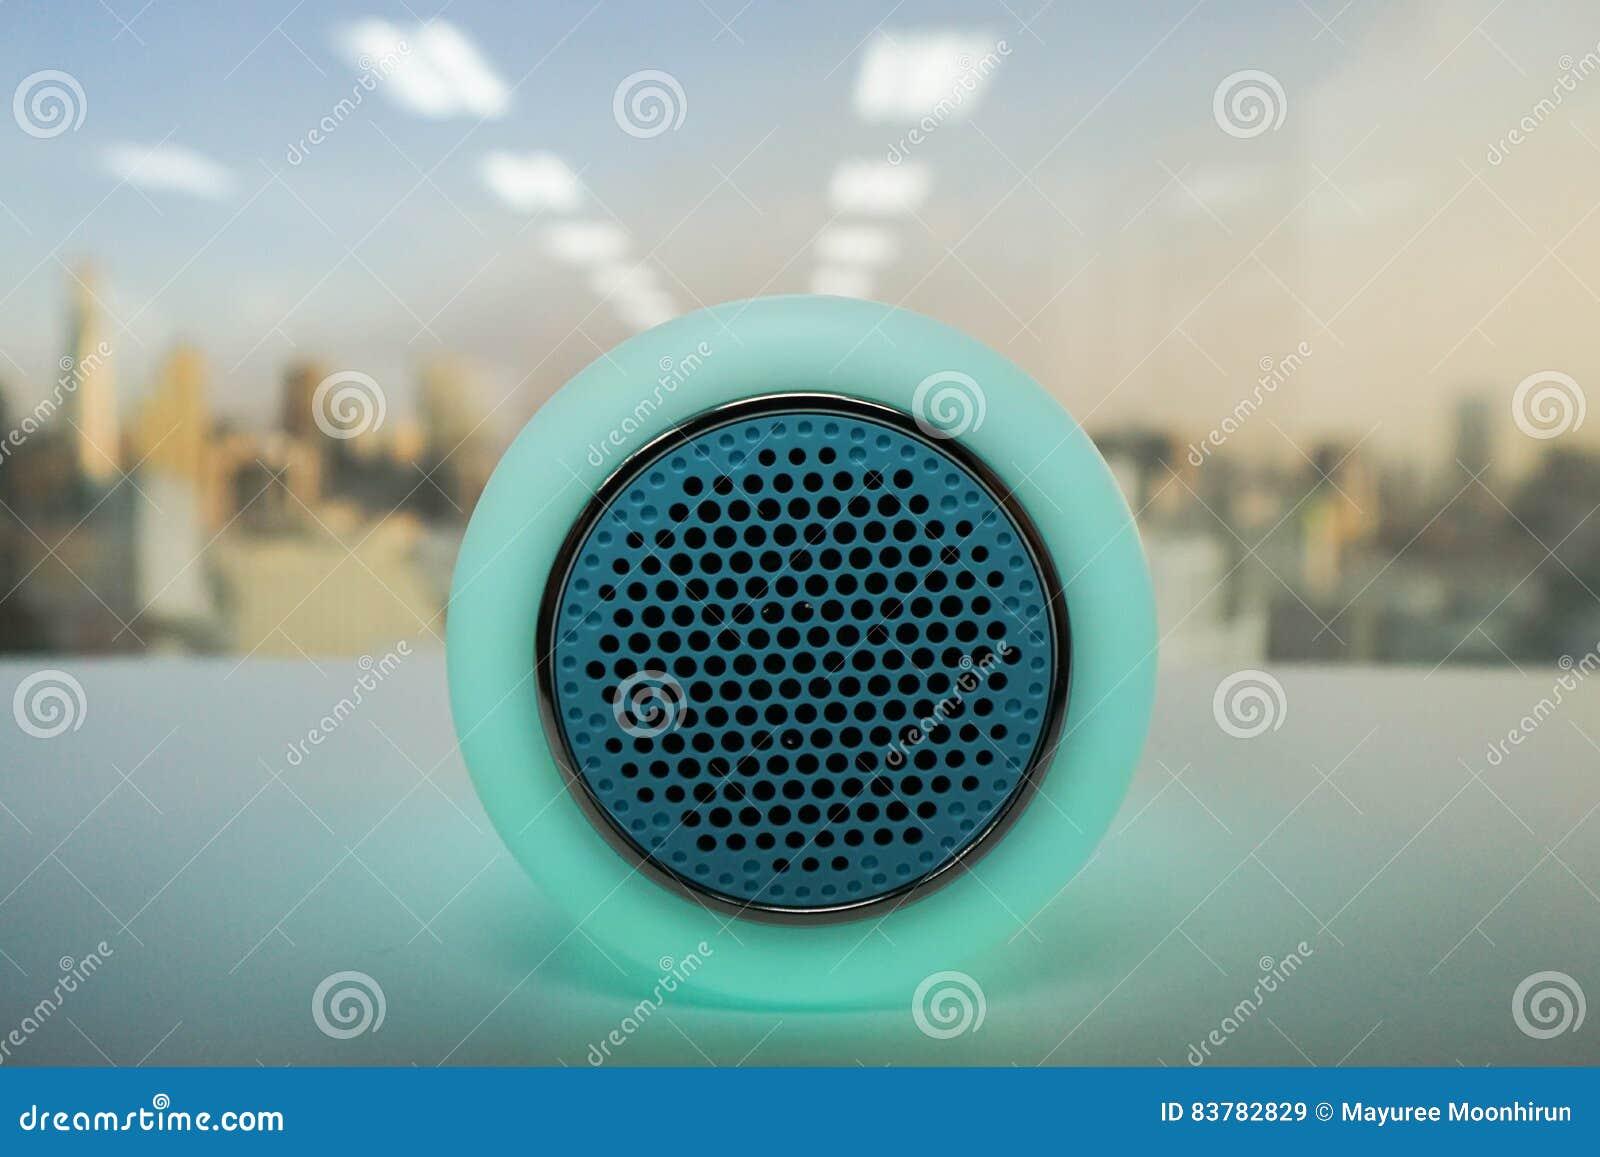 Muziek Badkamer Draadloos : De slimme lamp van de muziek draadloze spreker in groen stock